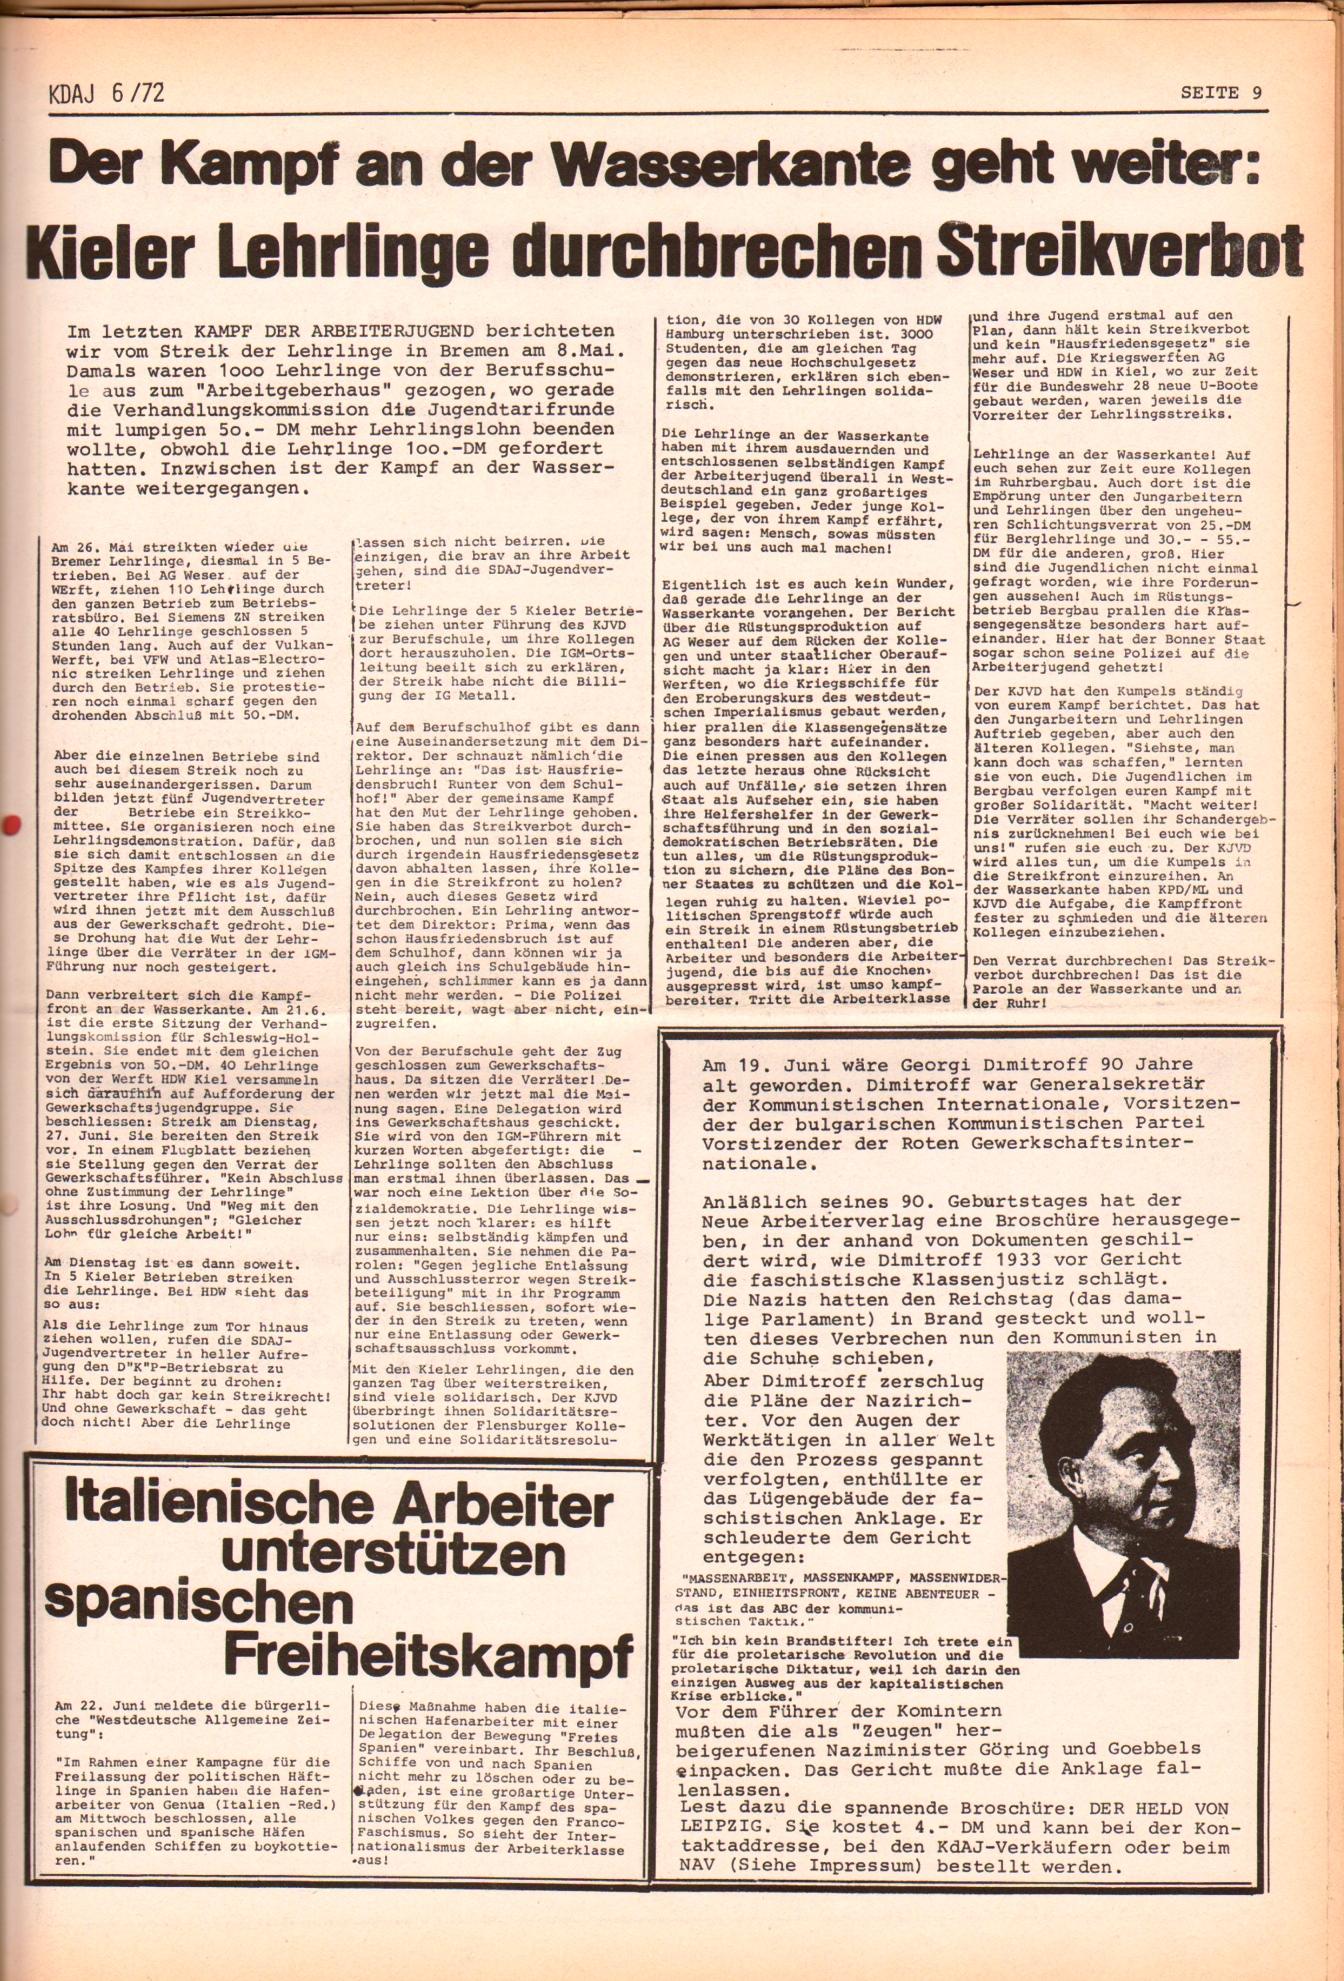 KDAJ, 3. Jg., Juli 1972, Nr. 6, Seite 9